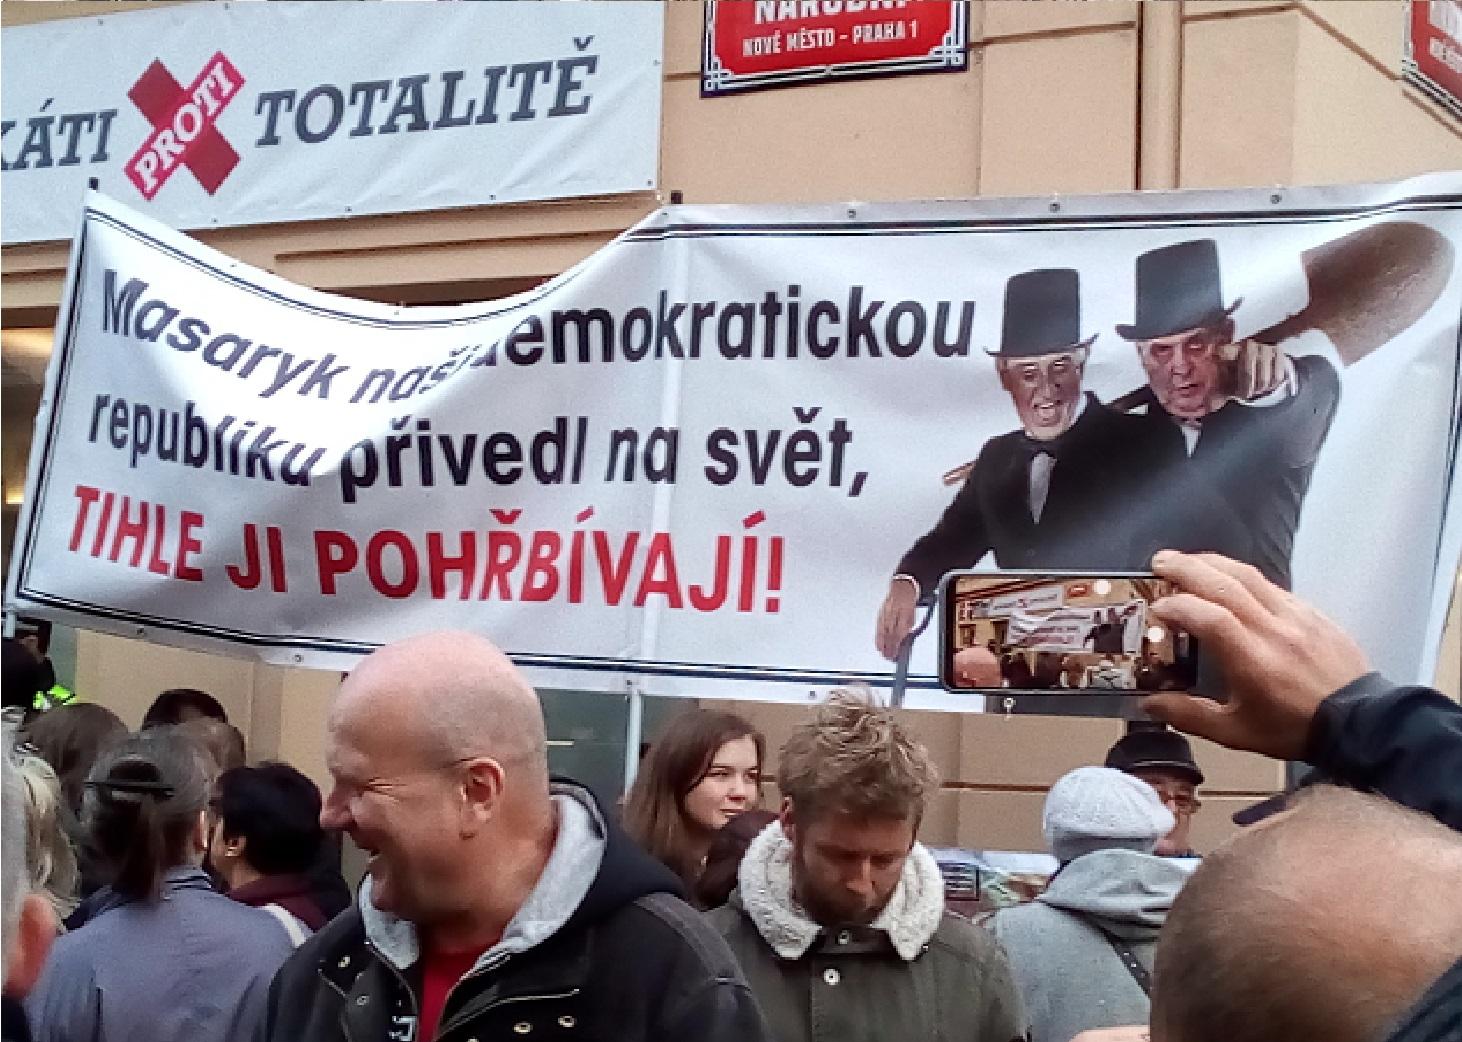 Hrobníci české demokracie. (Jan Jandourek, se svolením autora.)